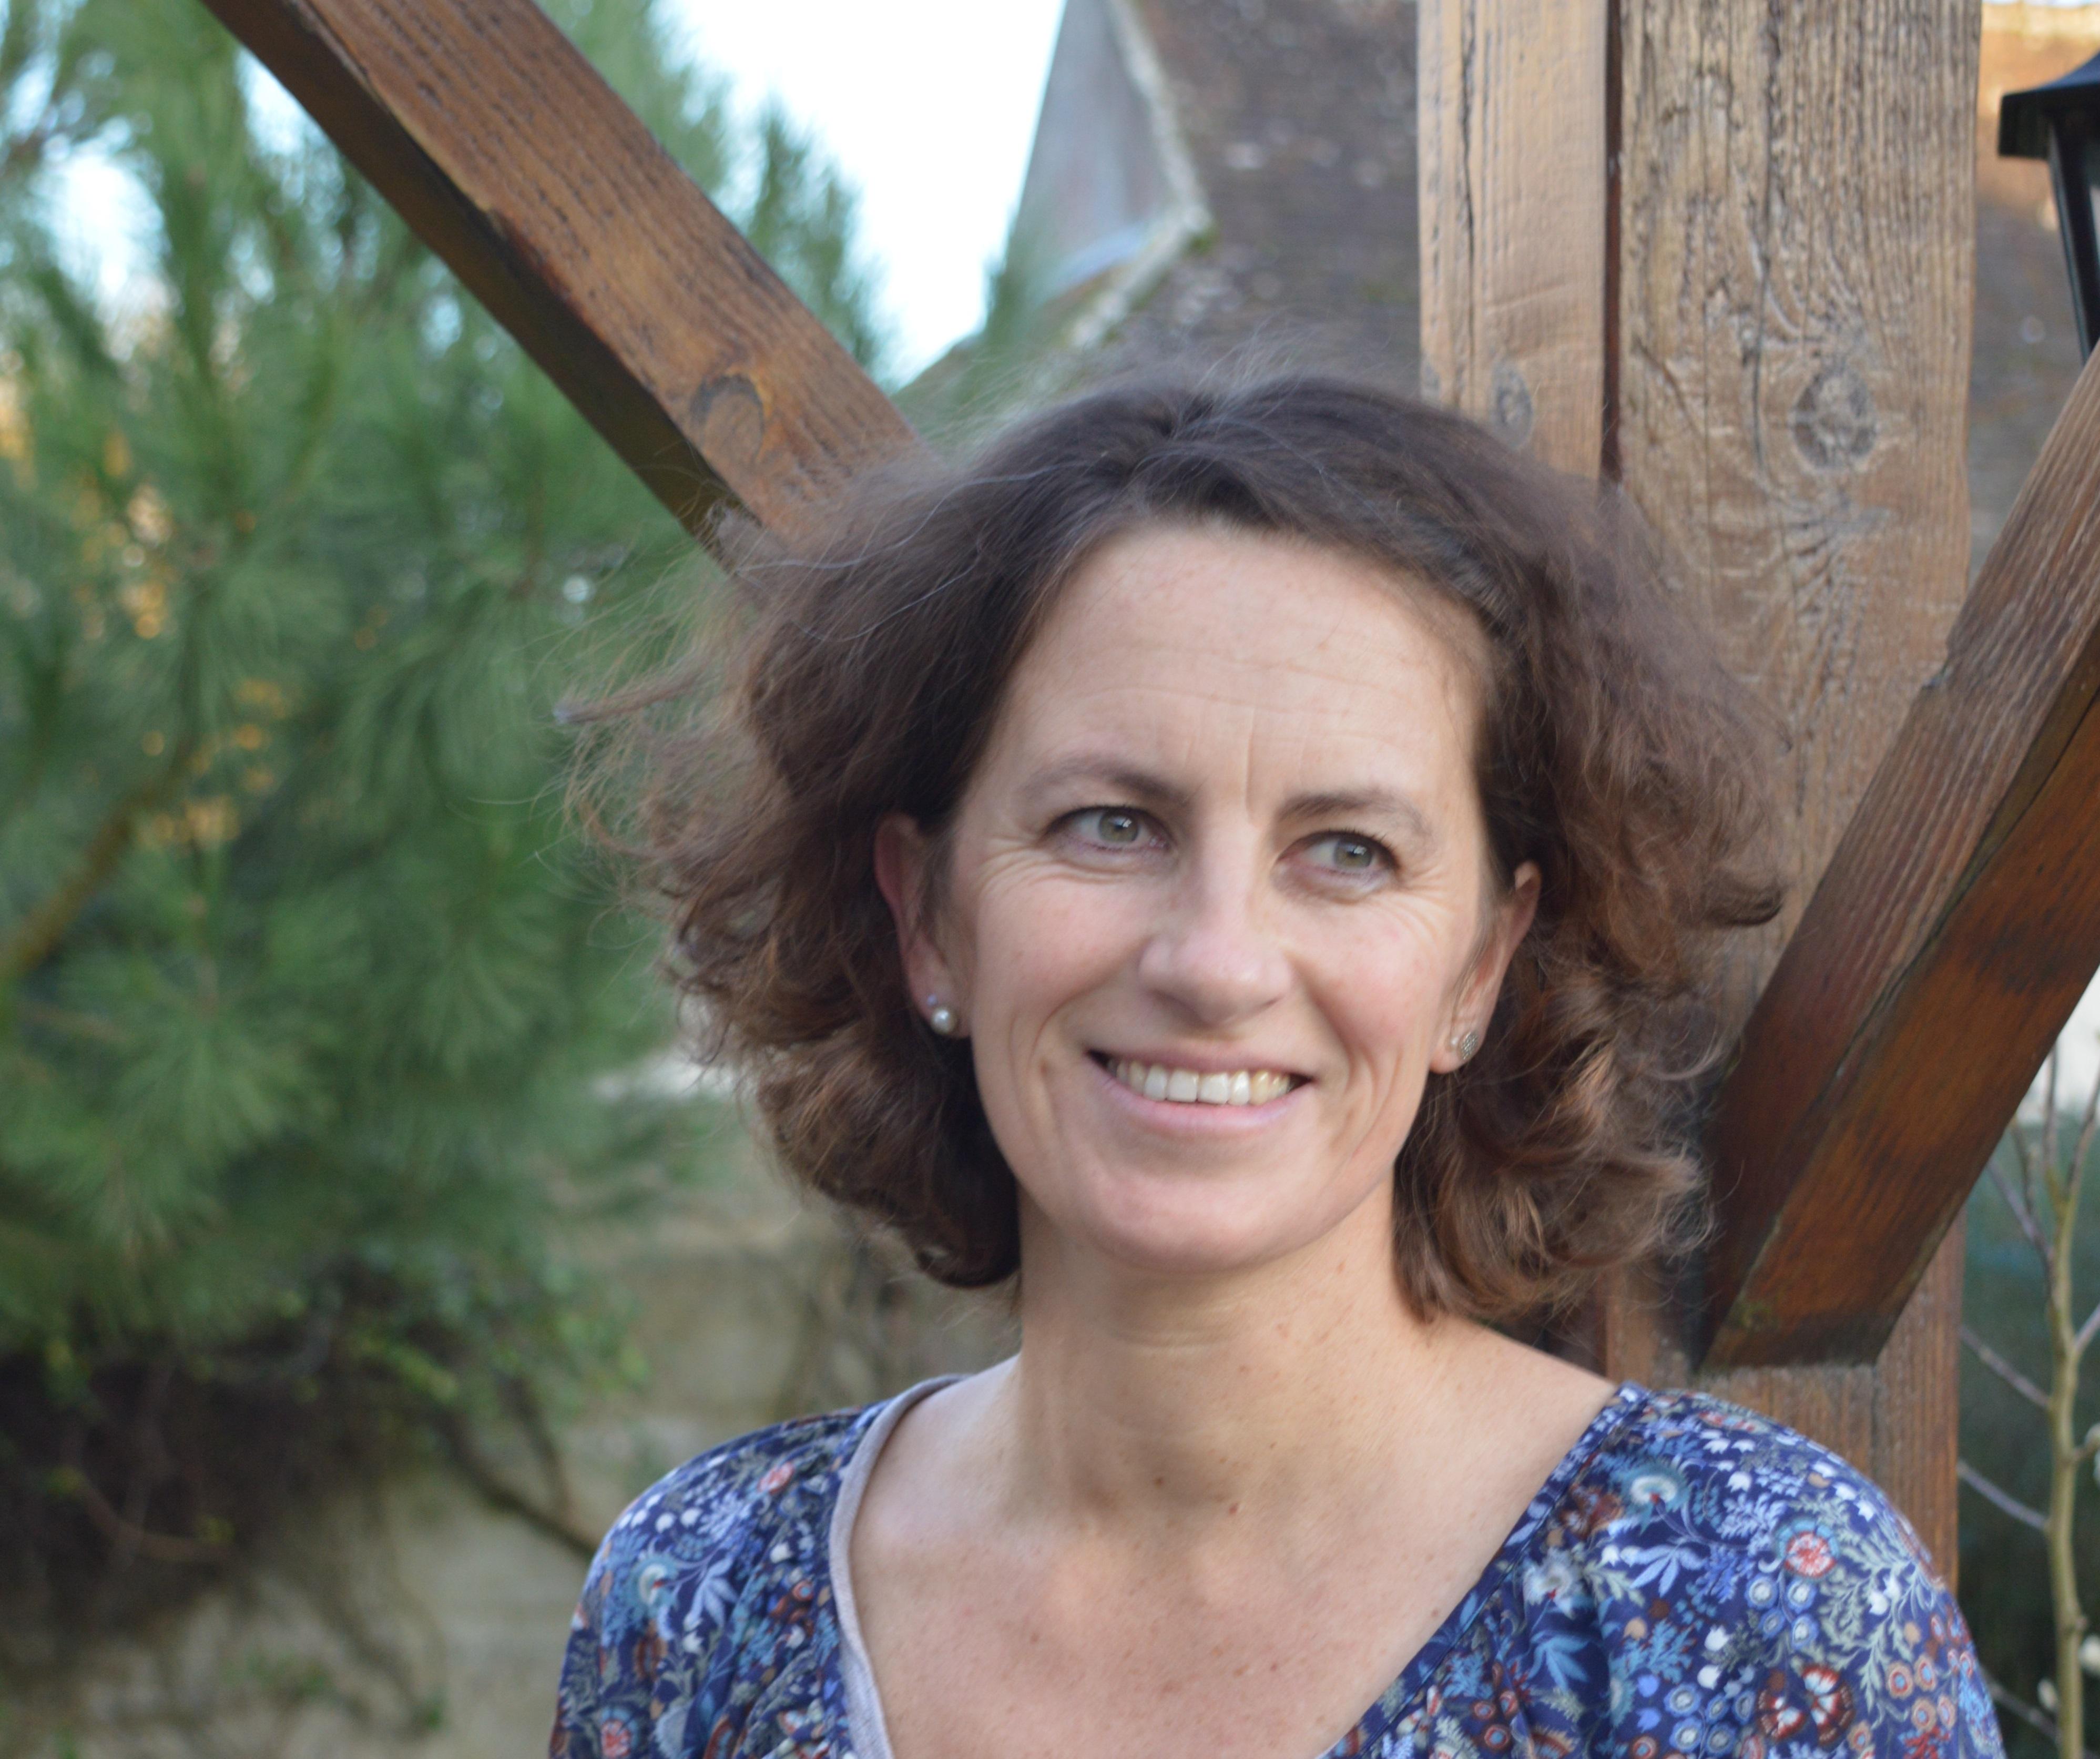 Rachel, propriétaire d'un gîte en Seine et Marne